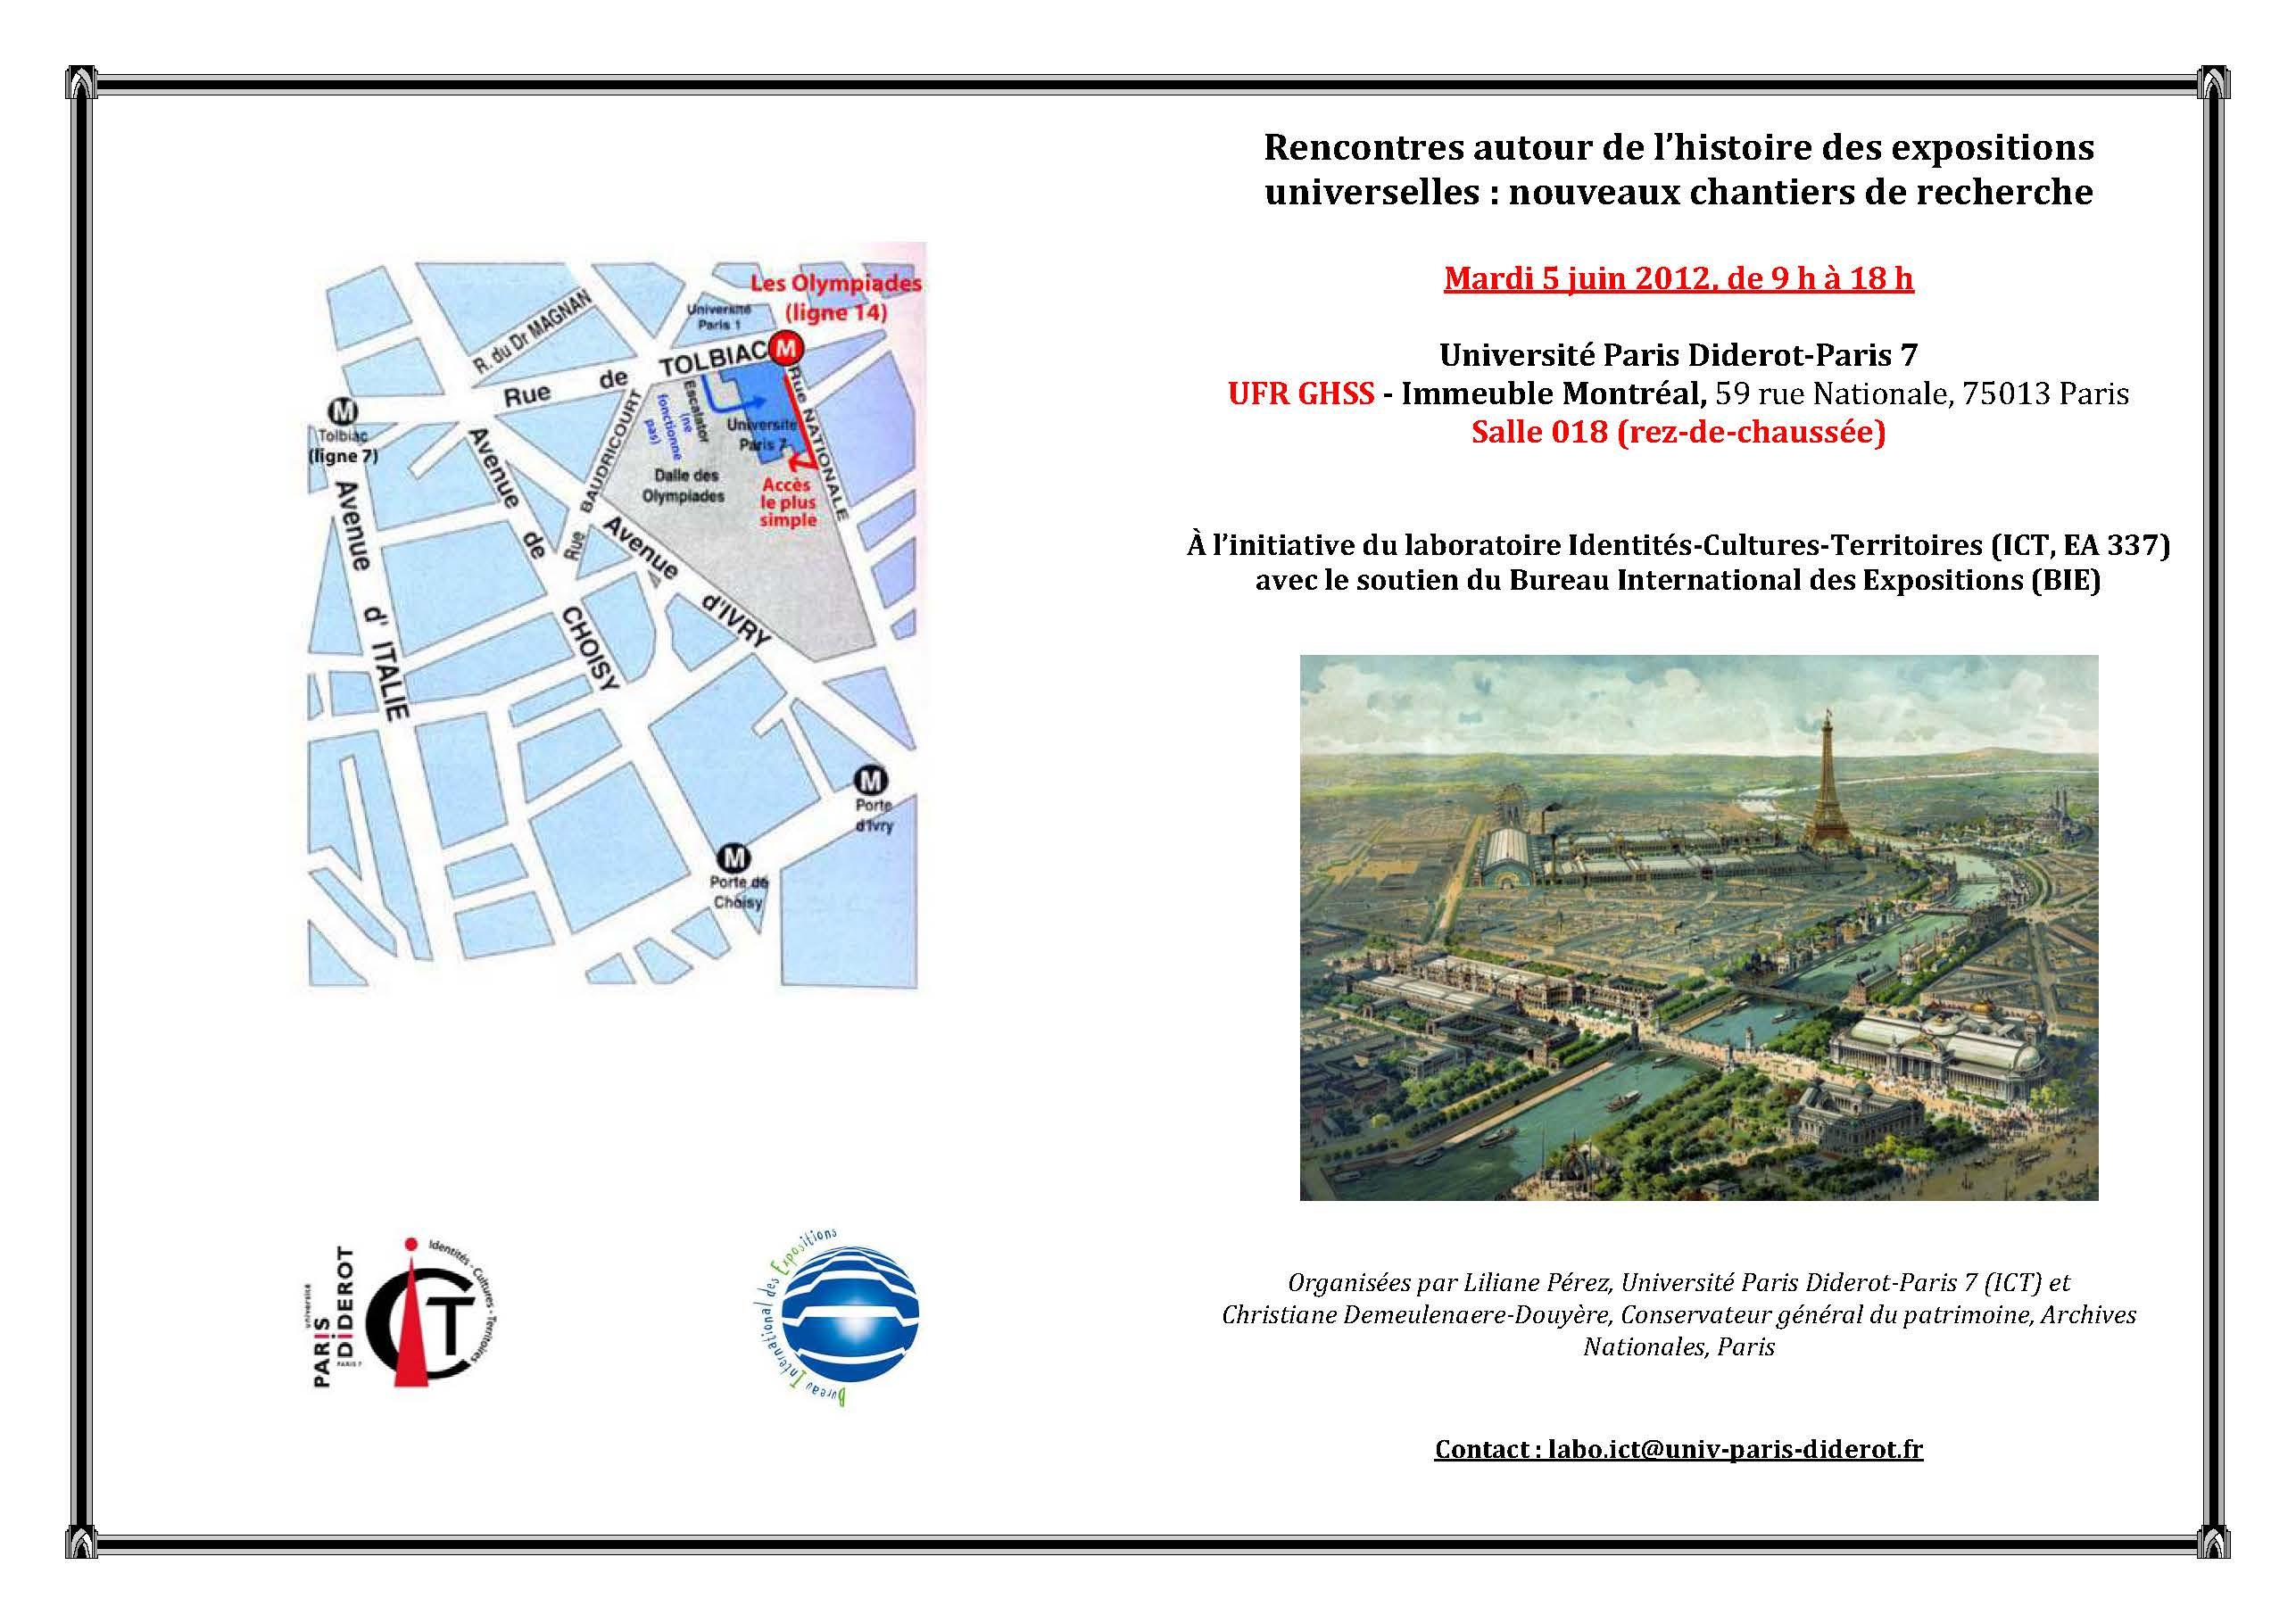 Rencontres autour de l histoire des expositions - Bureau international des expositions ...